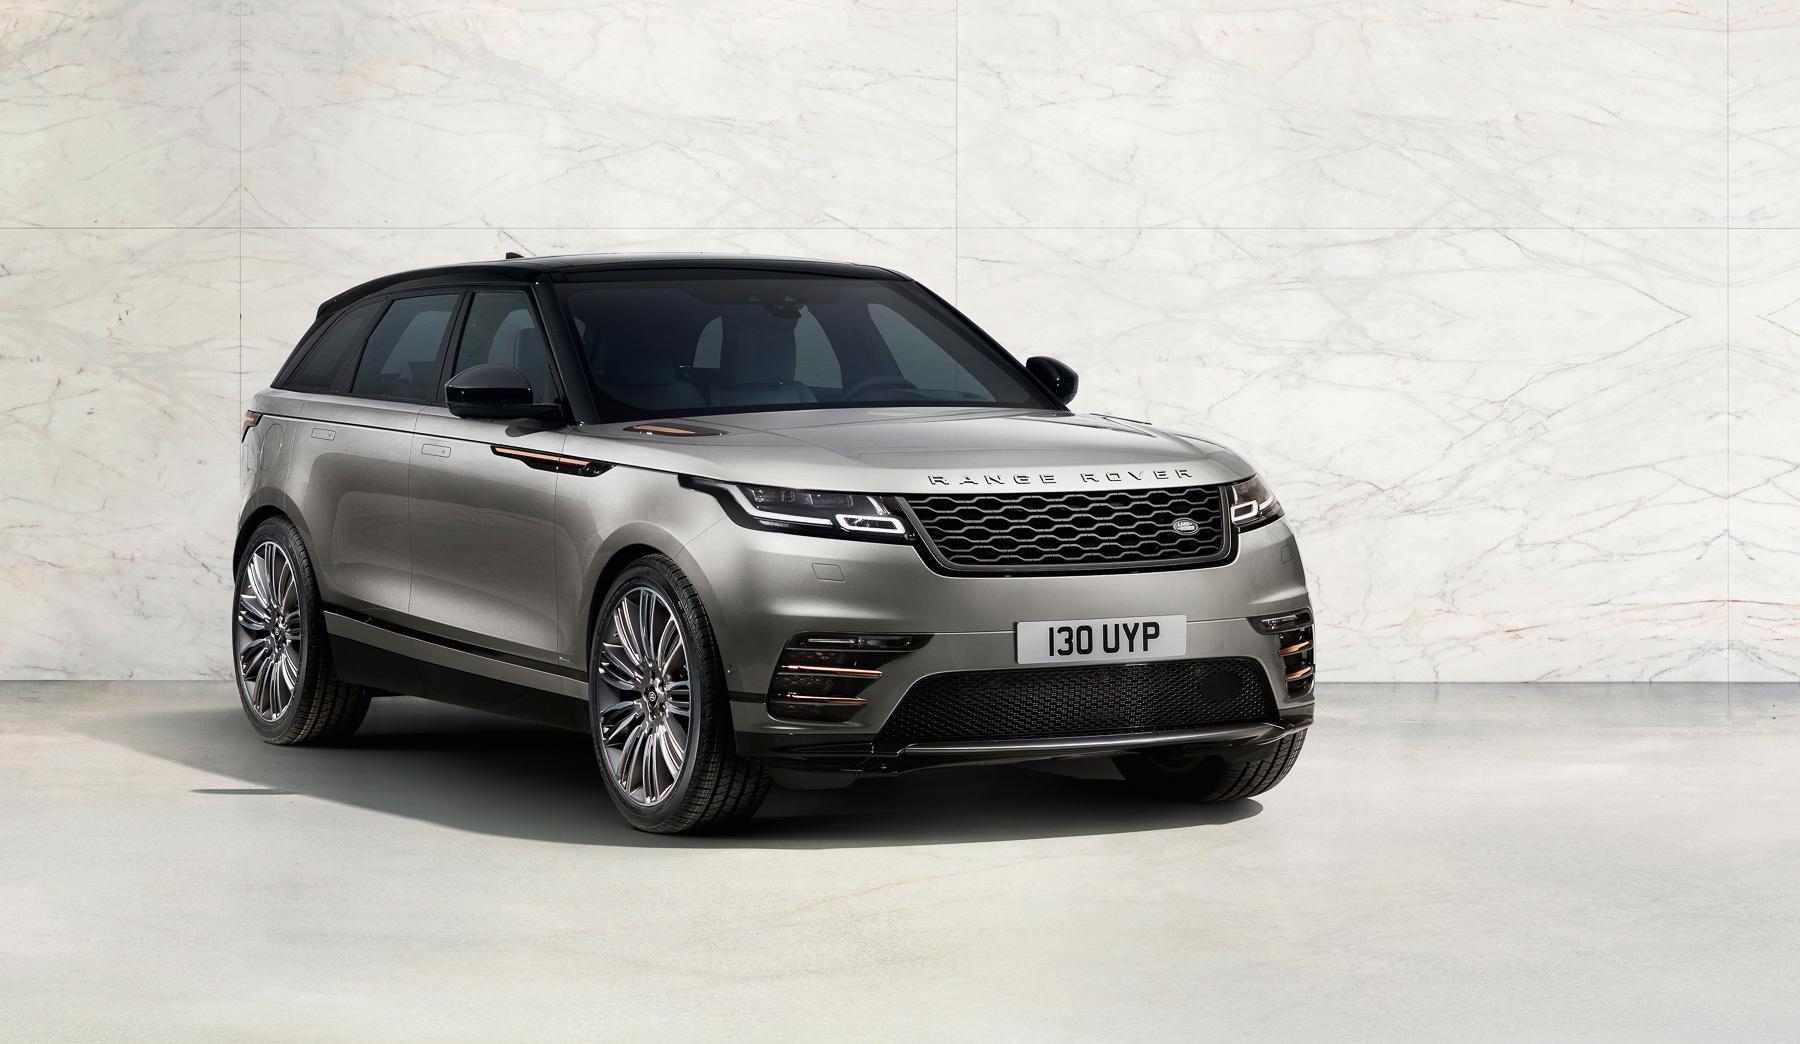 Range Rover Velar уйдет в продажу в октябре